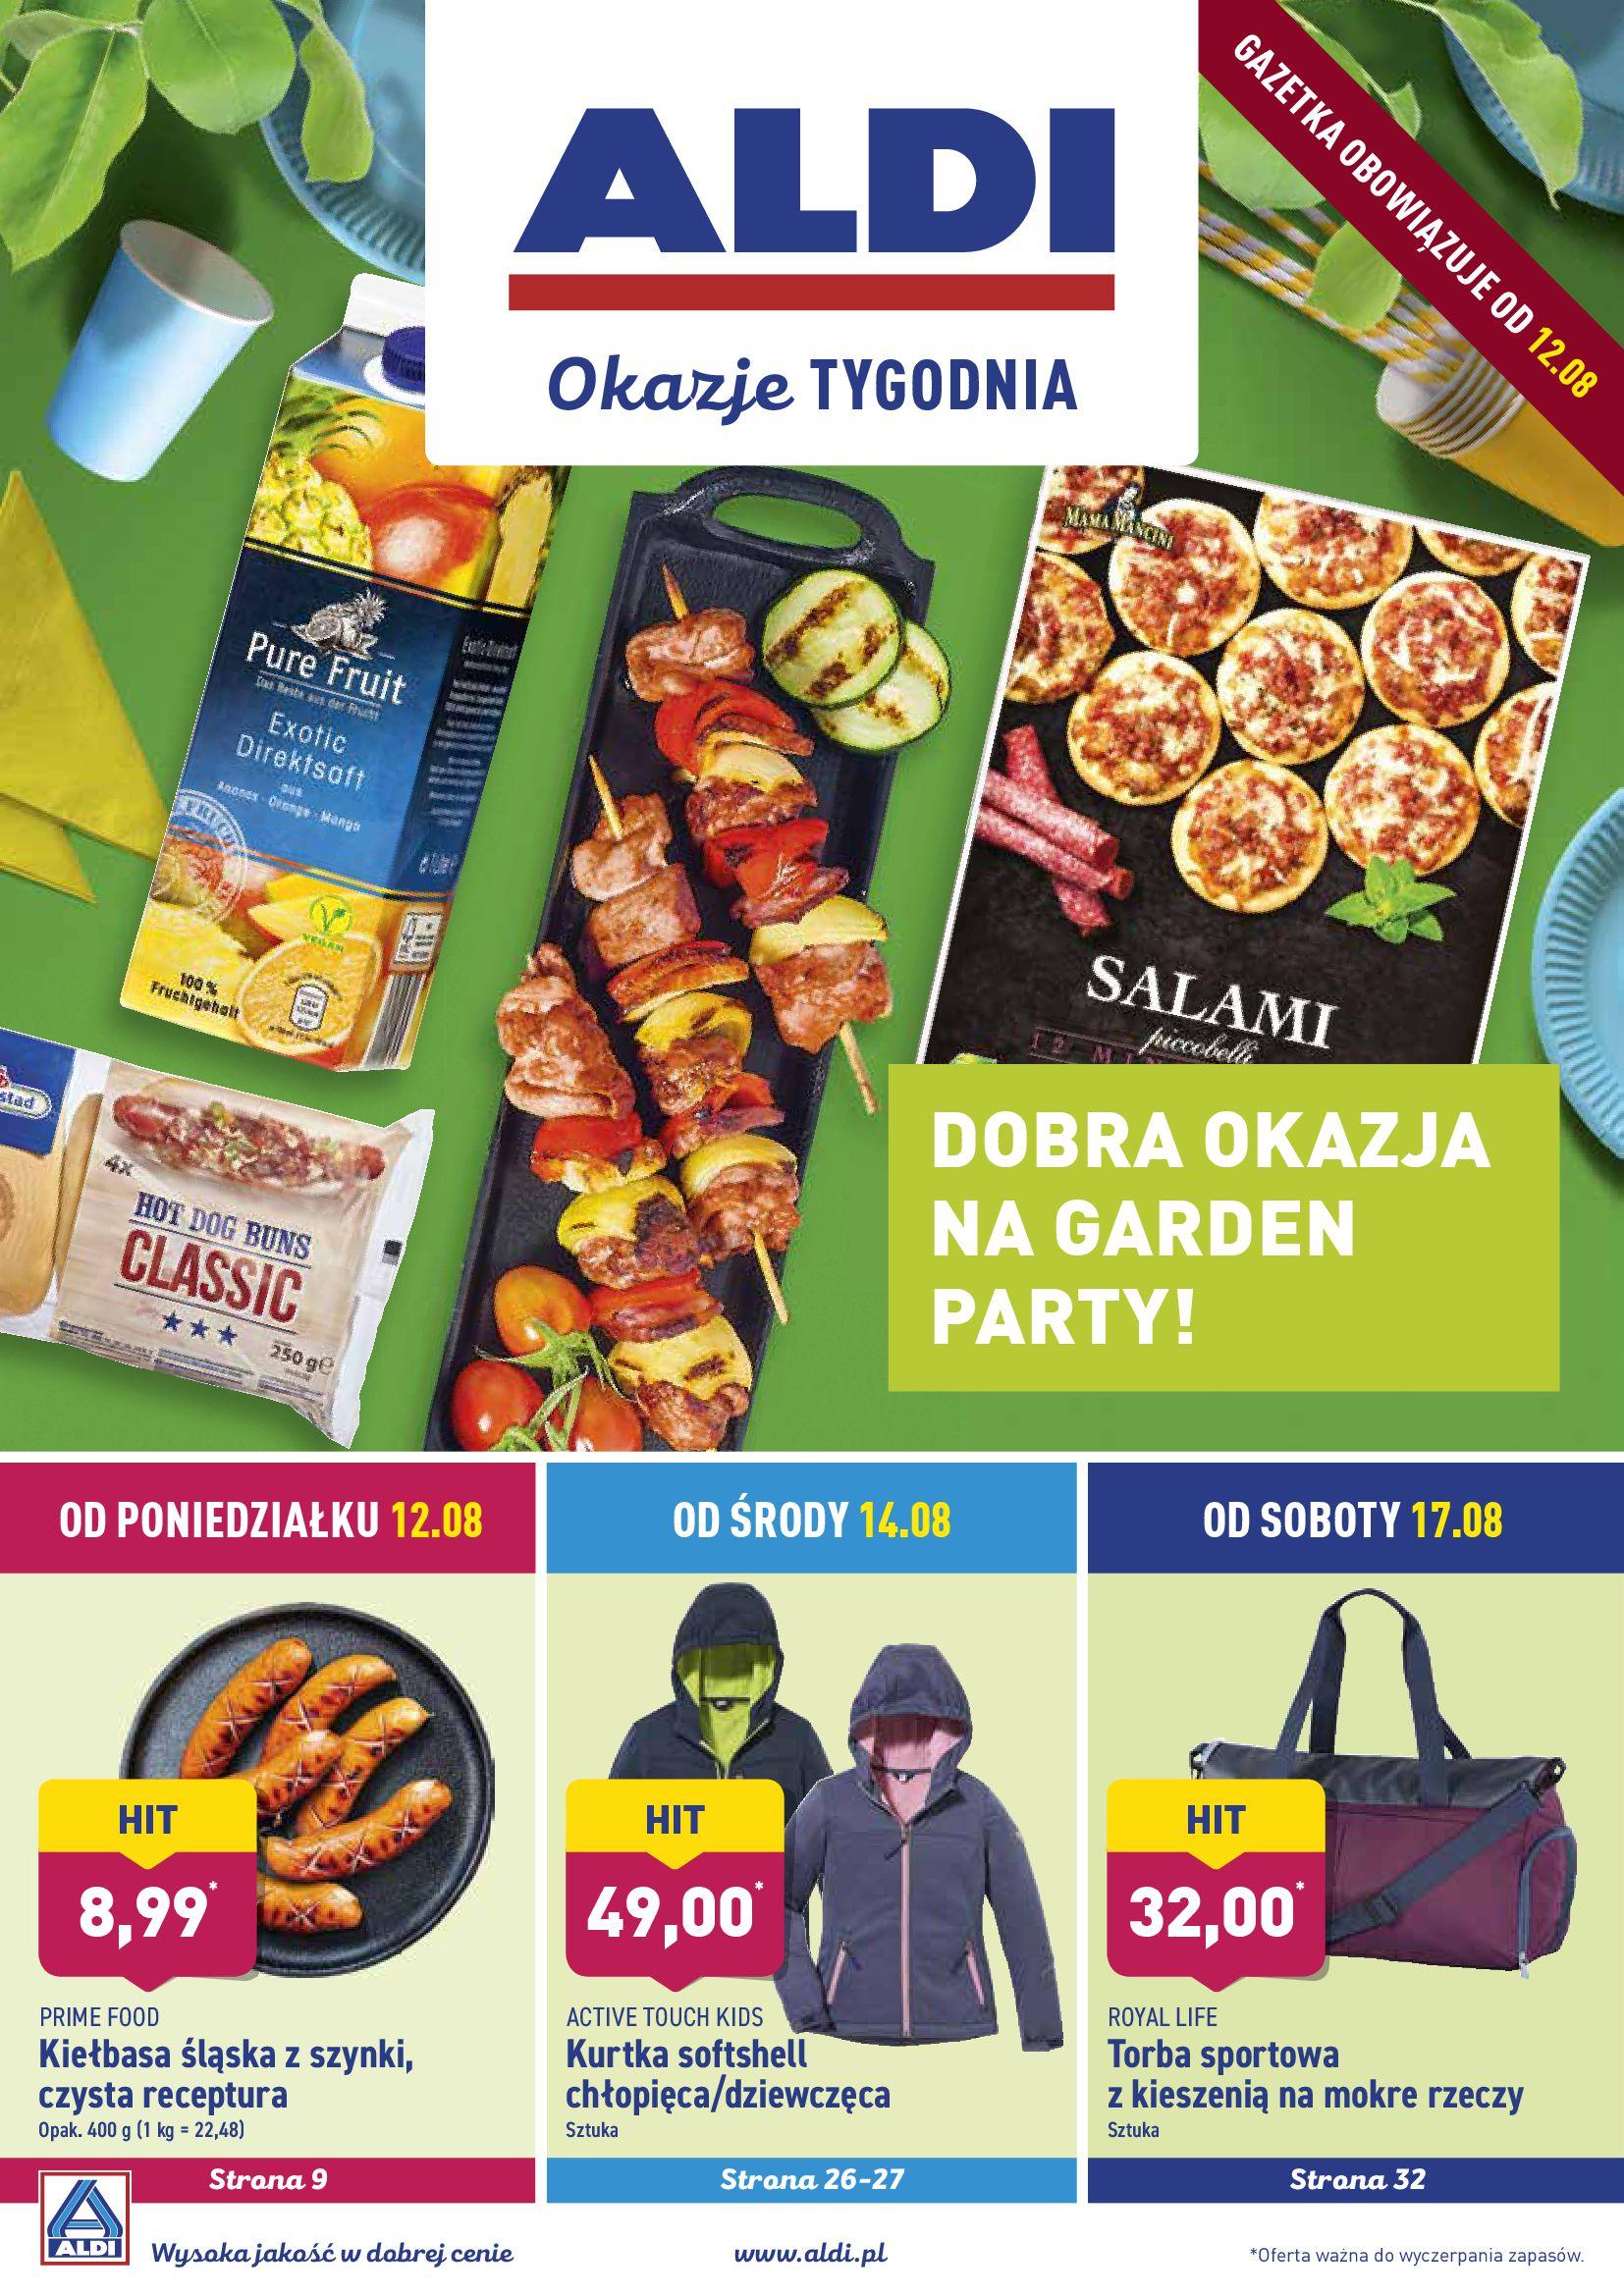 Gazetka Aldi - DOBRA OKAZJA NA GARDEN PARTY!-11.08.2019-18.08.2019-page-1